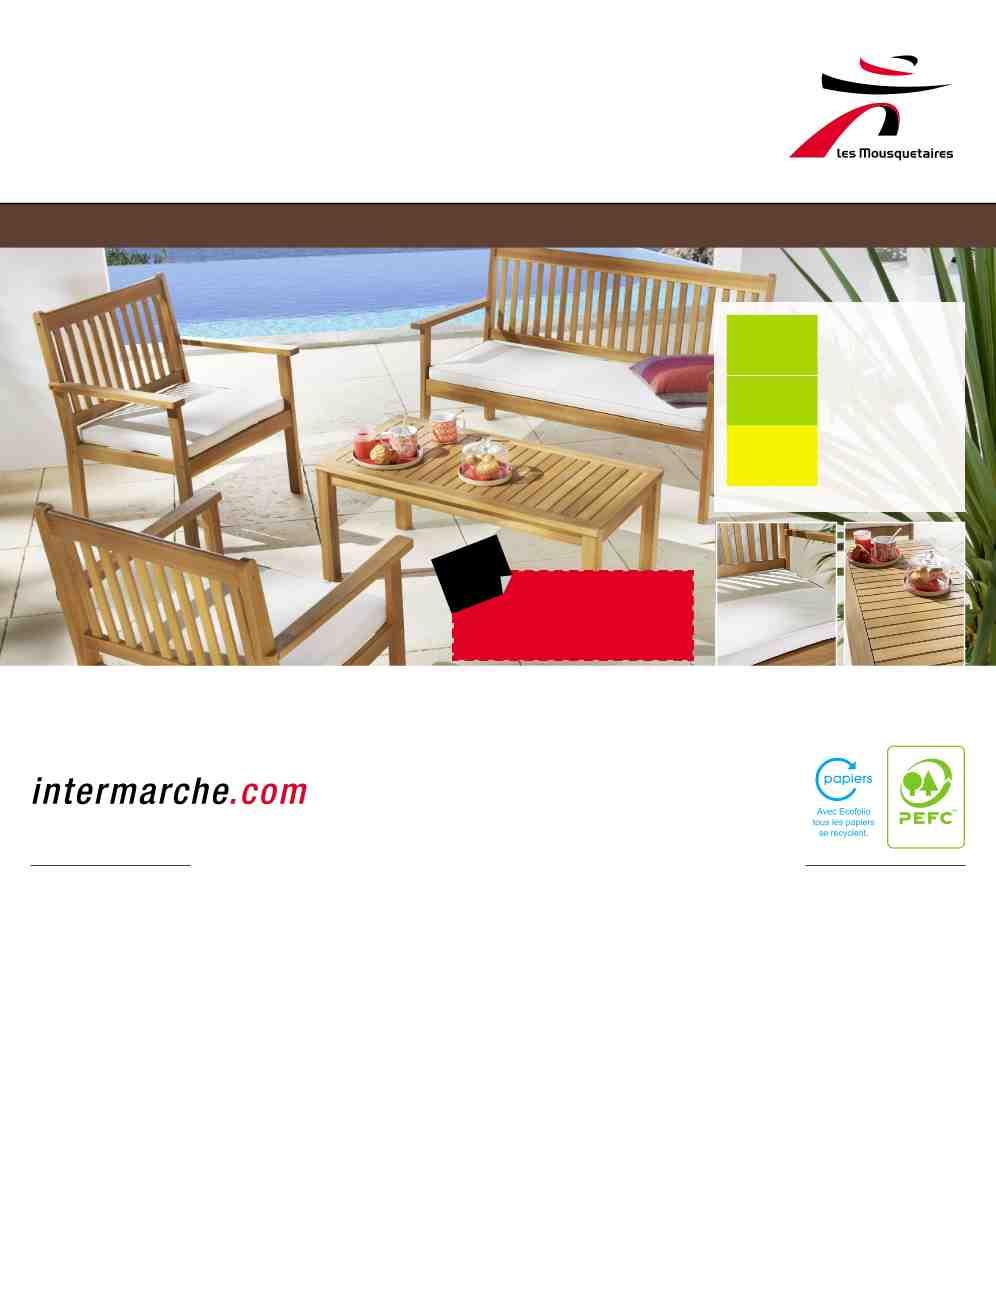 Salon De Jardin Intermarche Avril 2014 à Salon De Jardin Intermarché